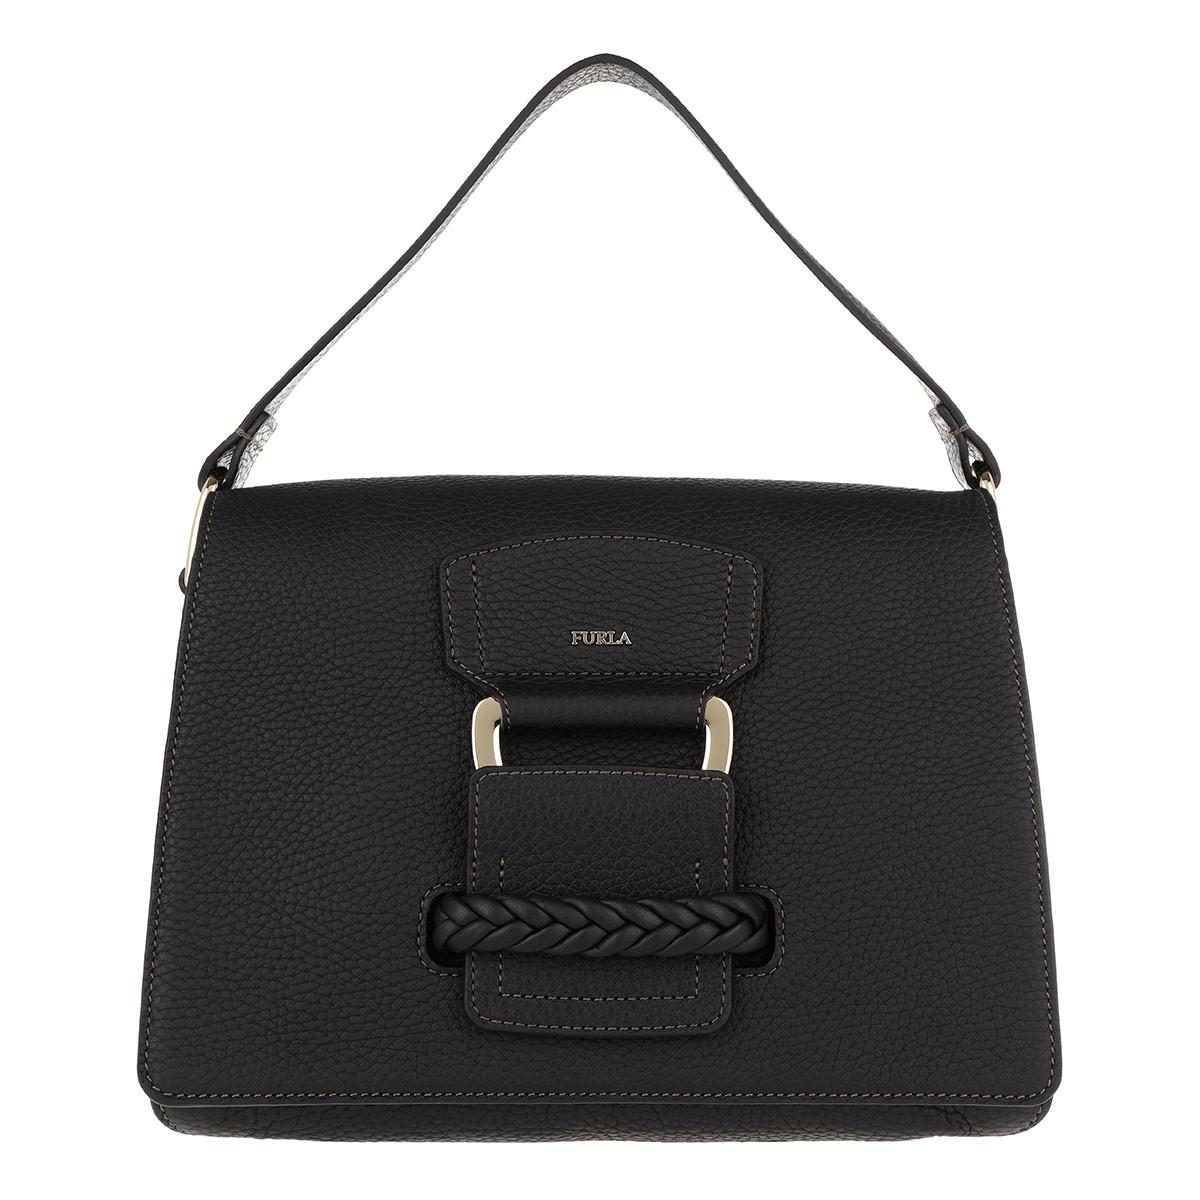 Furla Schoudertassen - Rialto S Crossbody Bag Onyx in zwart voor dames Verkoop Online Winkel 1zLxRDQn